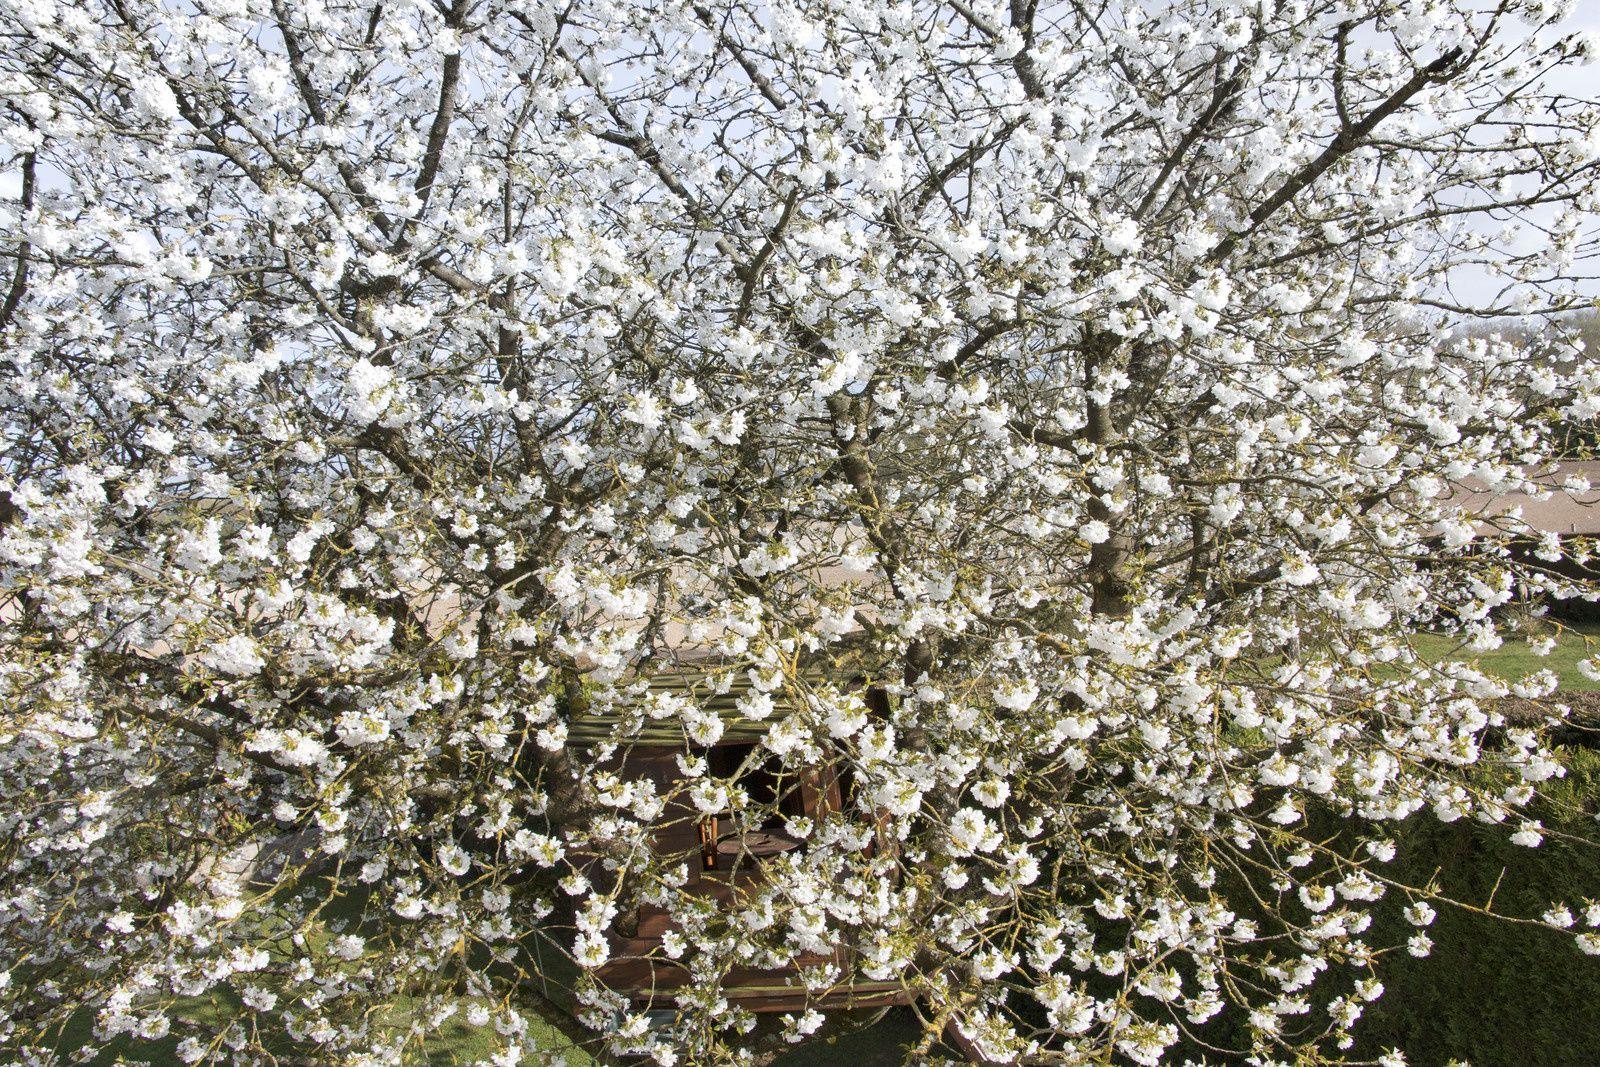 L'arbre à cabane en fleurs.